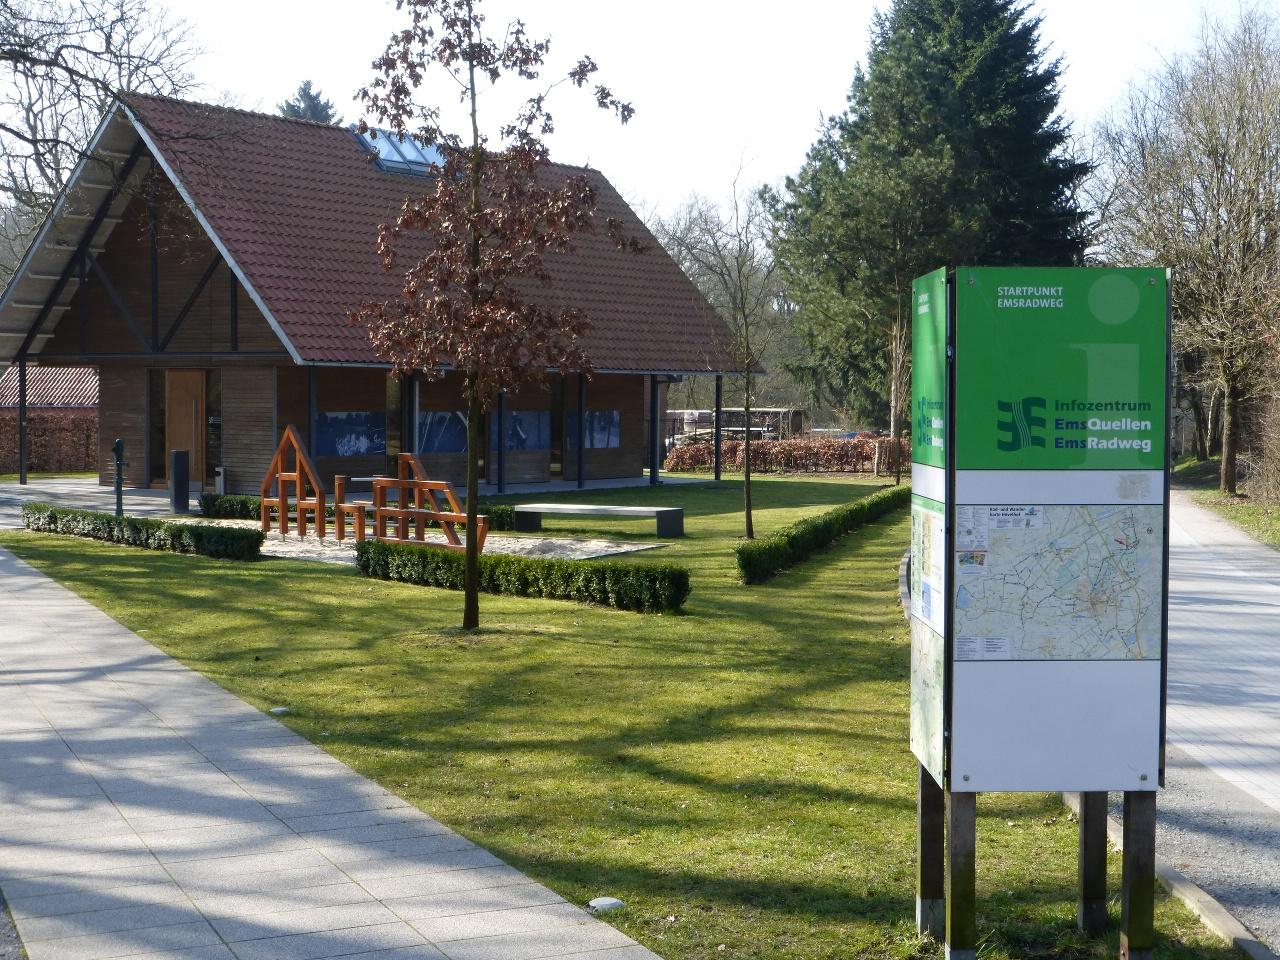 Info-Zentrum Emsquellen und Ems-Radweg